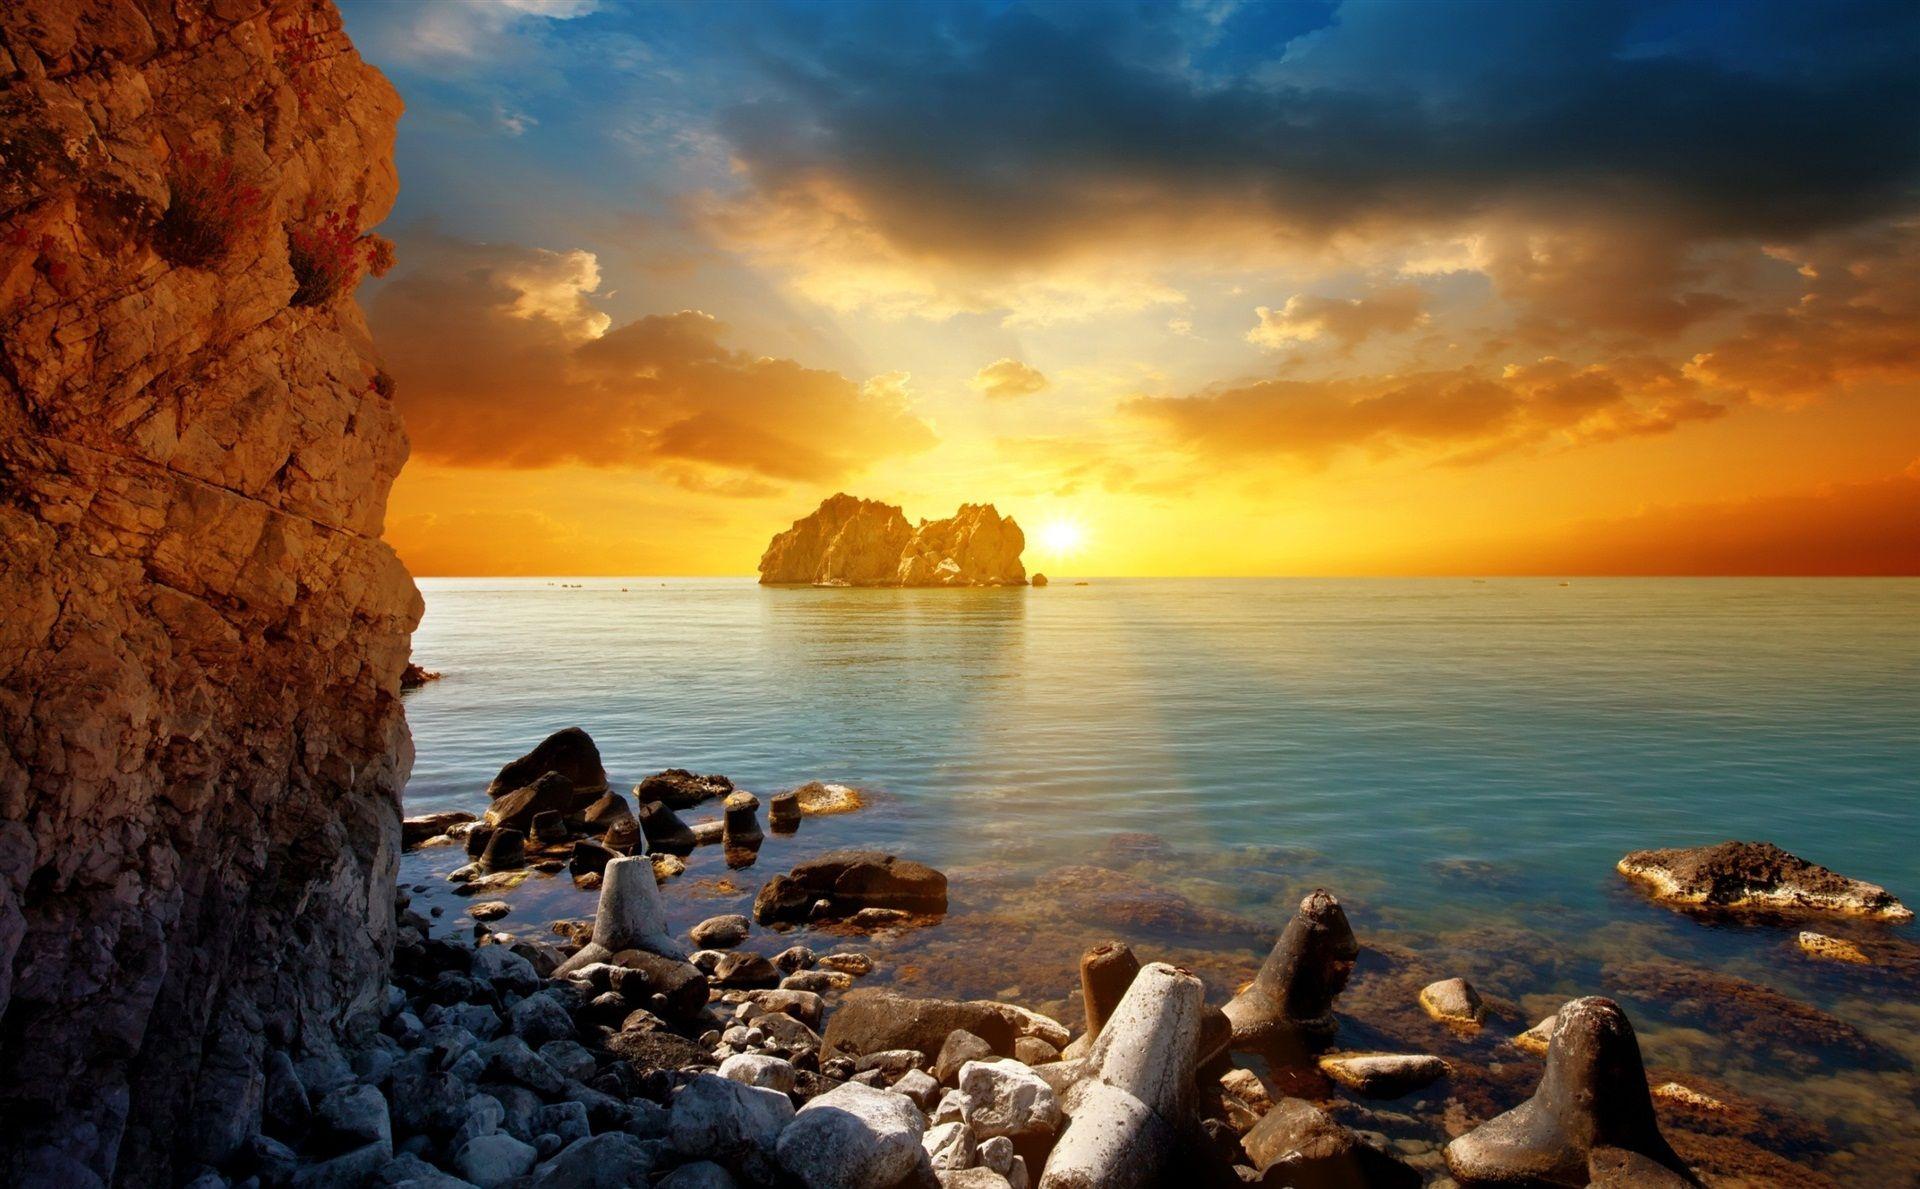 The Evening Sea Rocks The Sun Sunset Clouds Beach Sunset Wallpaper Sunset Wallpaper Sunrise Wallpaper